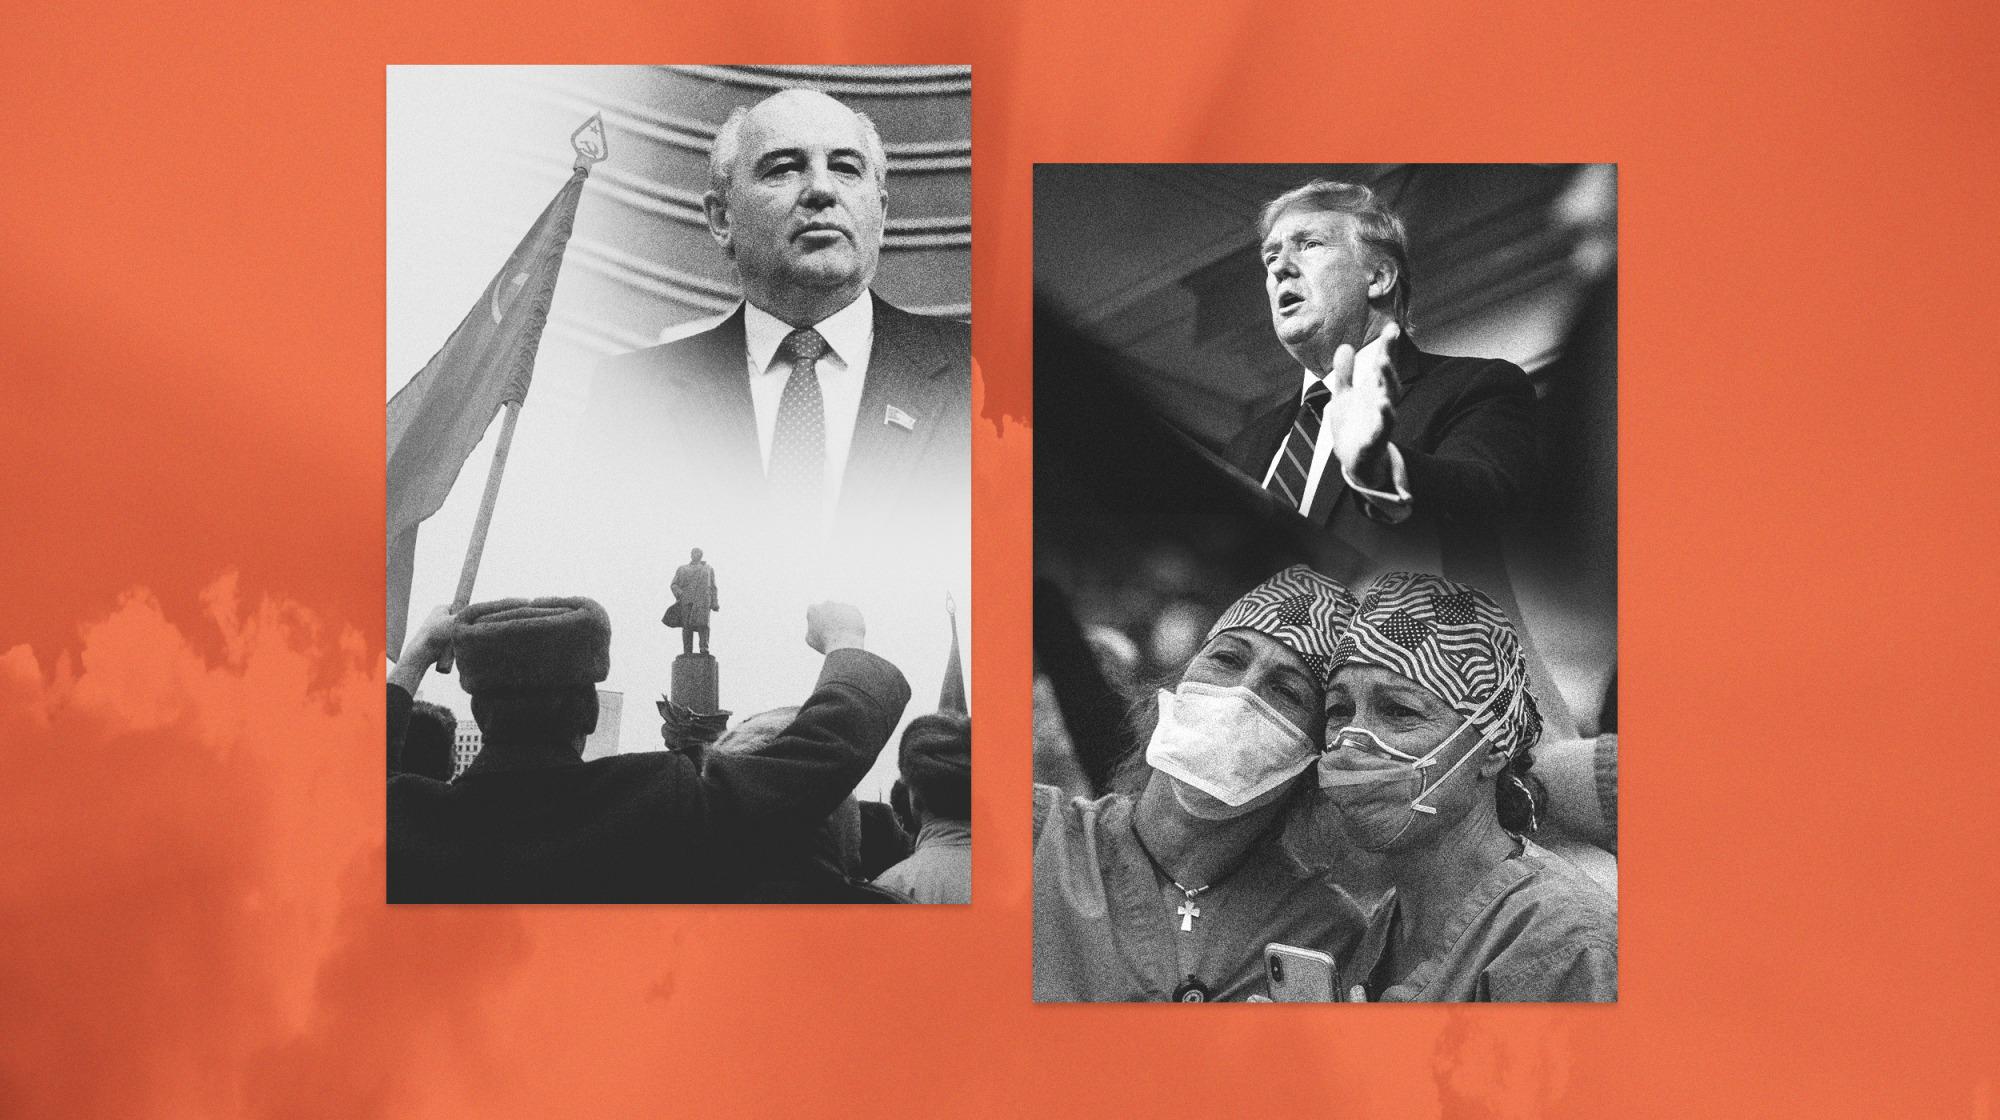 https://media2.s-nbcnews.com/j/newscms/2020_21/3359606/200521-think-american-perestroika-main-cs_1e6878948d643b702cb527f7b62cd1d7.fit-2000w.jpg